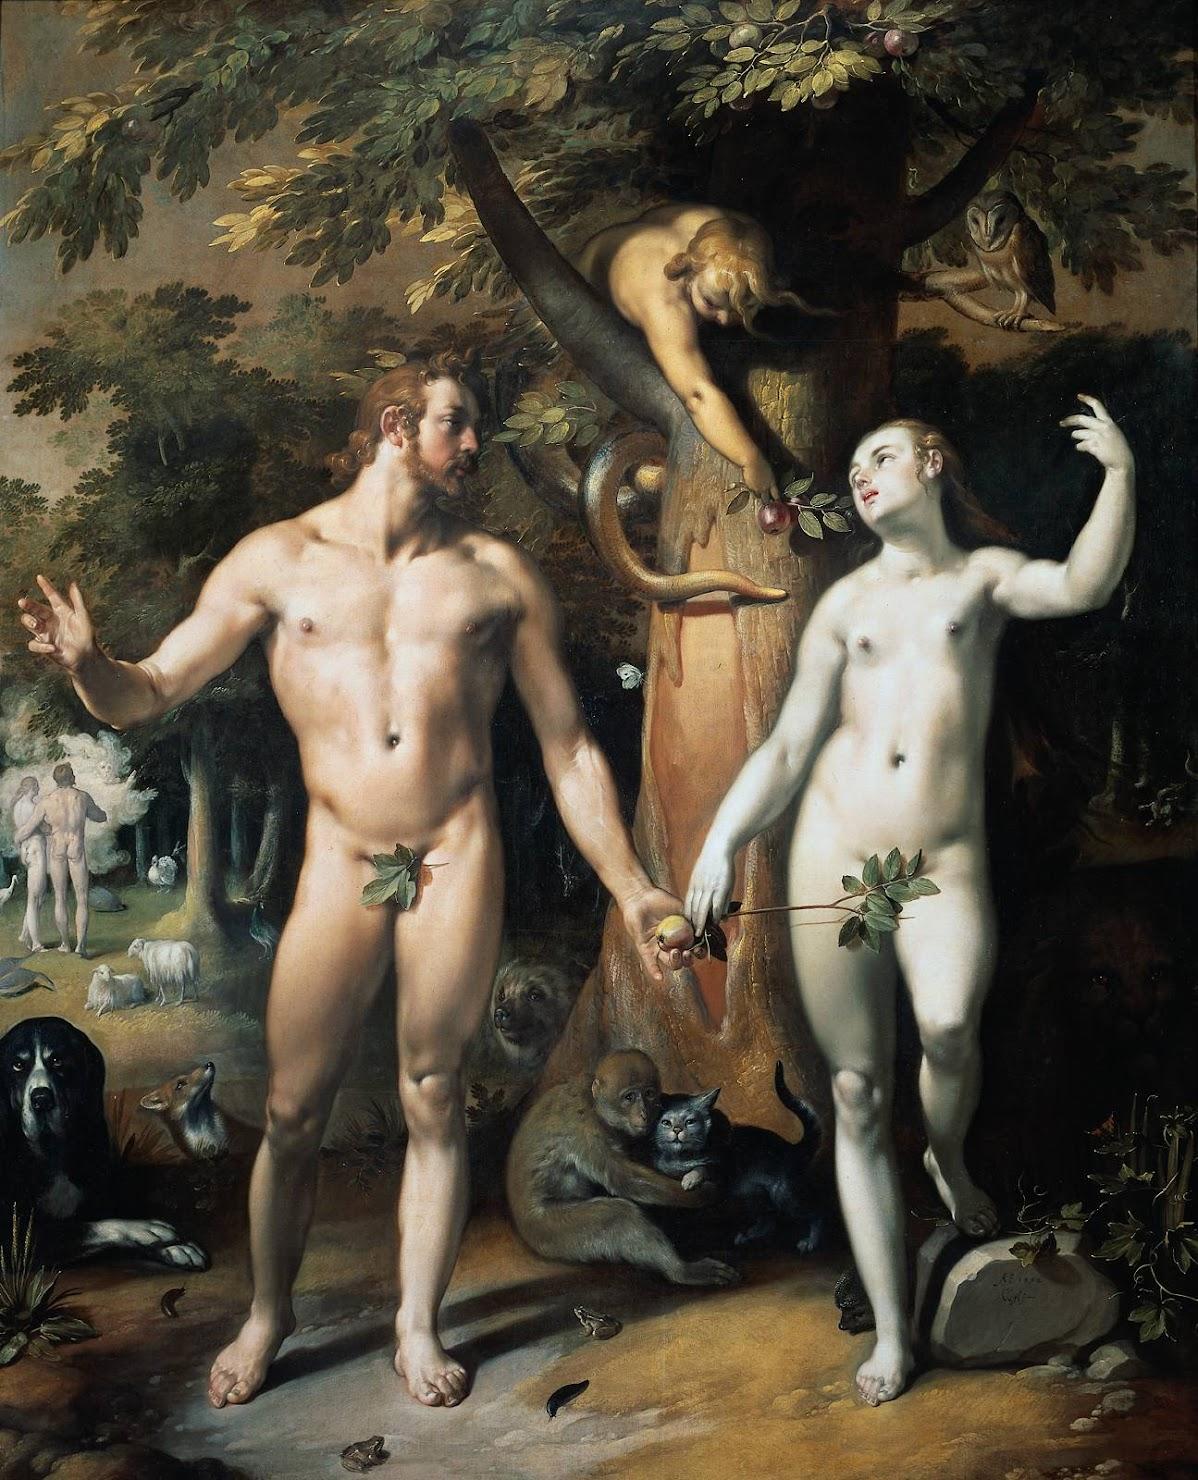 http://4.bp.blogspot.com/_BKAyBIkuY5c/TQH8jy3hVmI/AAAAAAAAA8Y/F9Mgz5iEGyk/s1480/Cornelis+Cornelisz.+van+Haarlem+The+fall+1592.jpeg